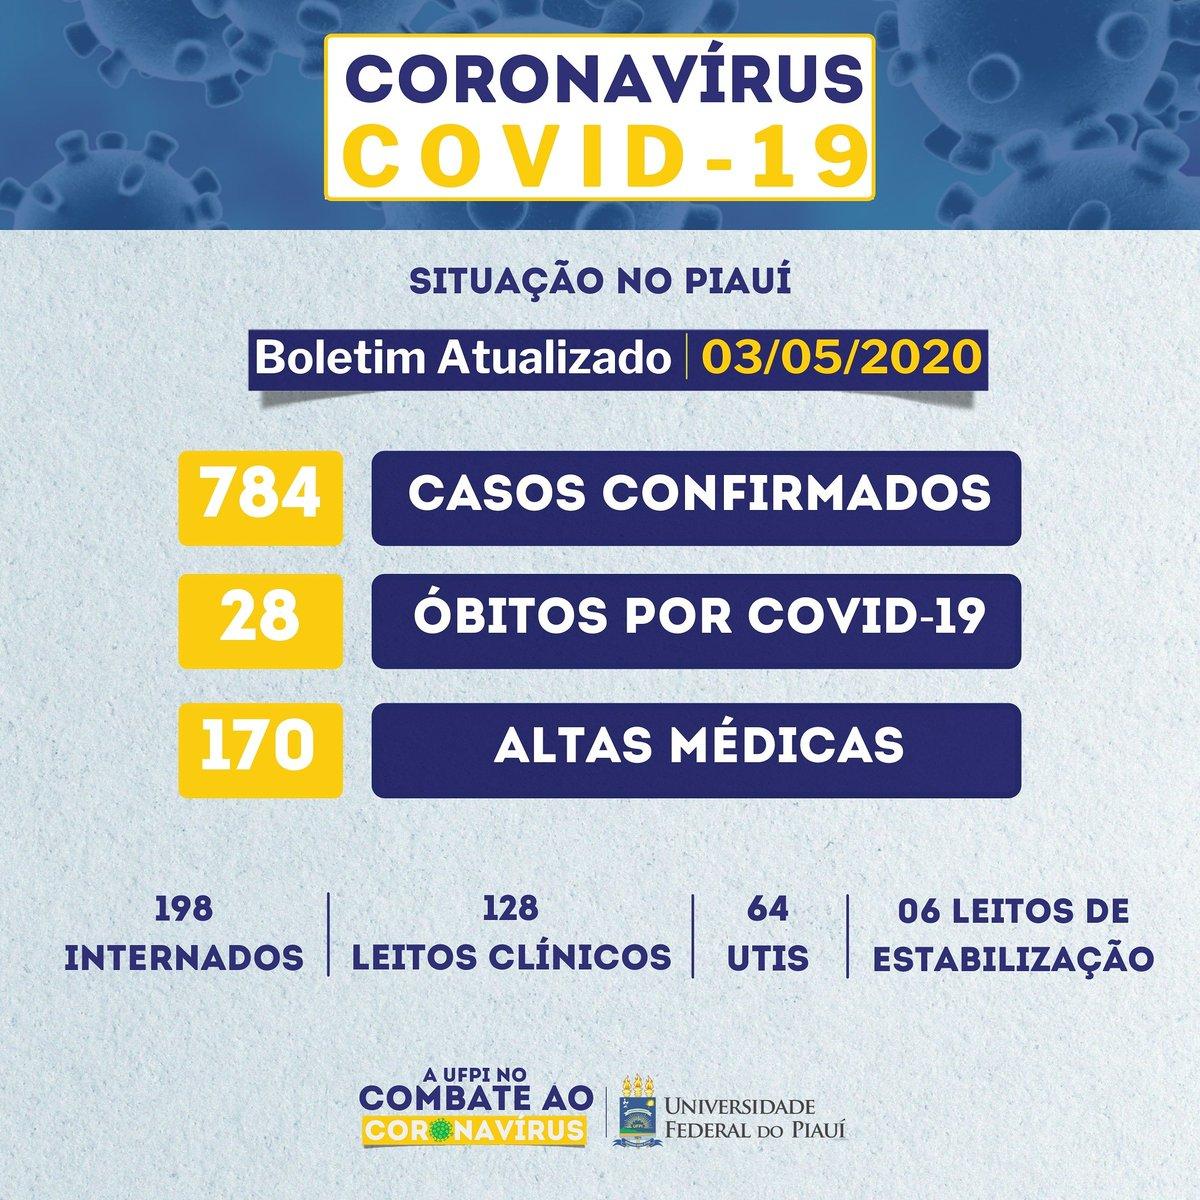 📝Boletim atualizado da situação no Piauí. . 🦠Foram confirmados 42 novos casos de Covid-19 no Piauí. . 📲Você pode conferir o painel epidemiológico disponível nas redes do @governodopiaui. . . . . #ufpi #minhaufpi #FicaEmCasa